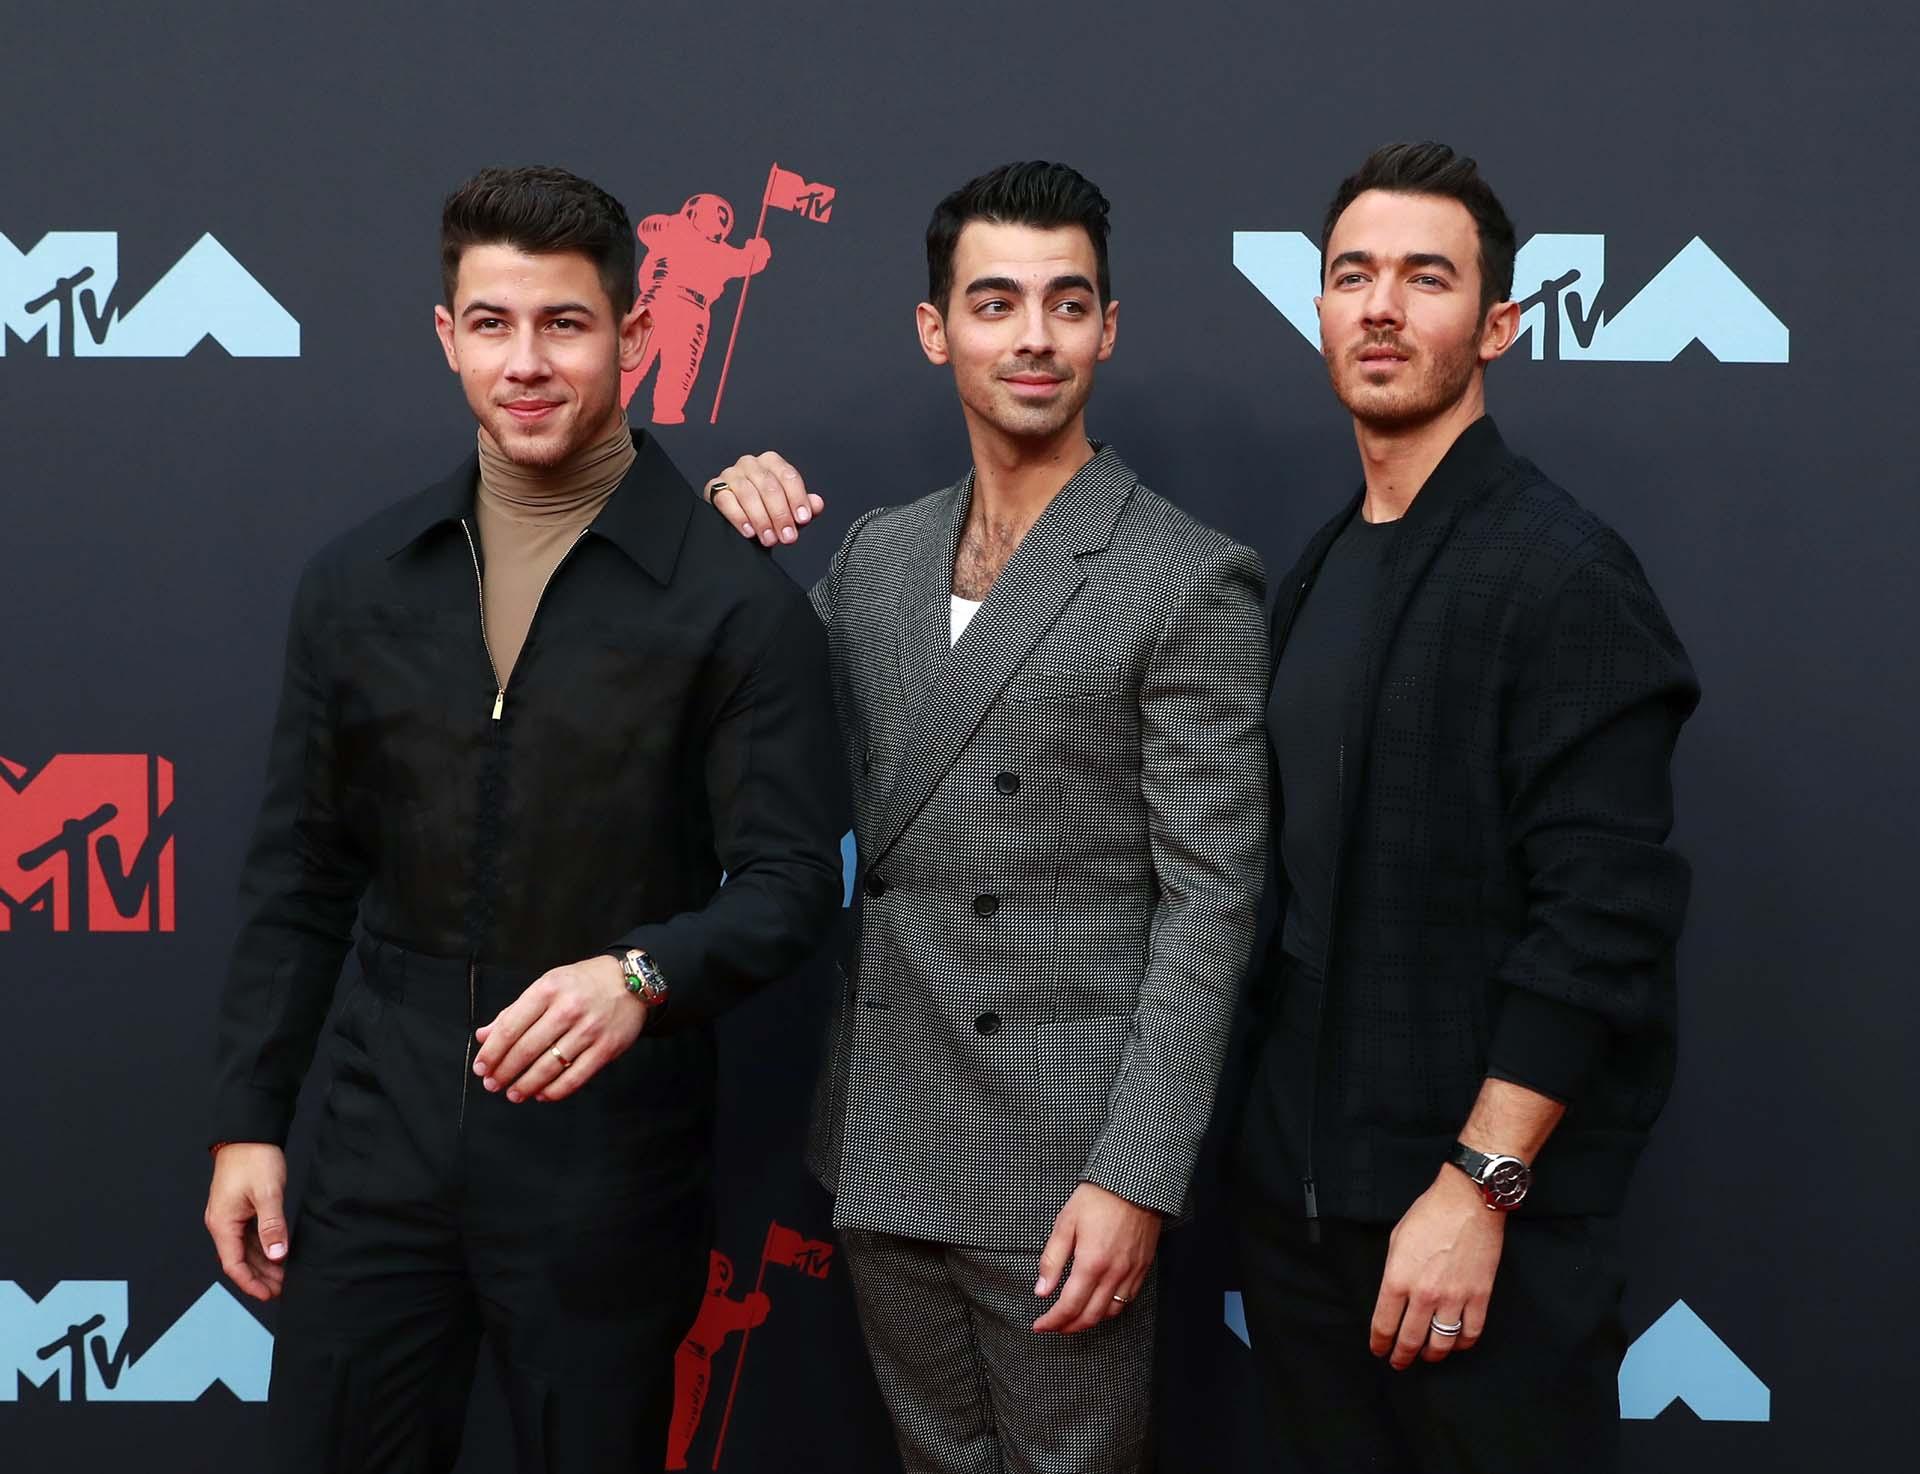 Los Jonas Brothers vuelven a los MTV Video Music Awards tras diez años de ausencia